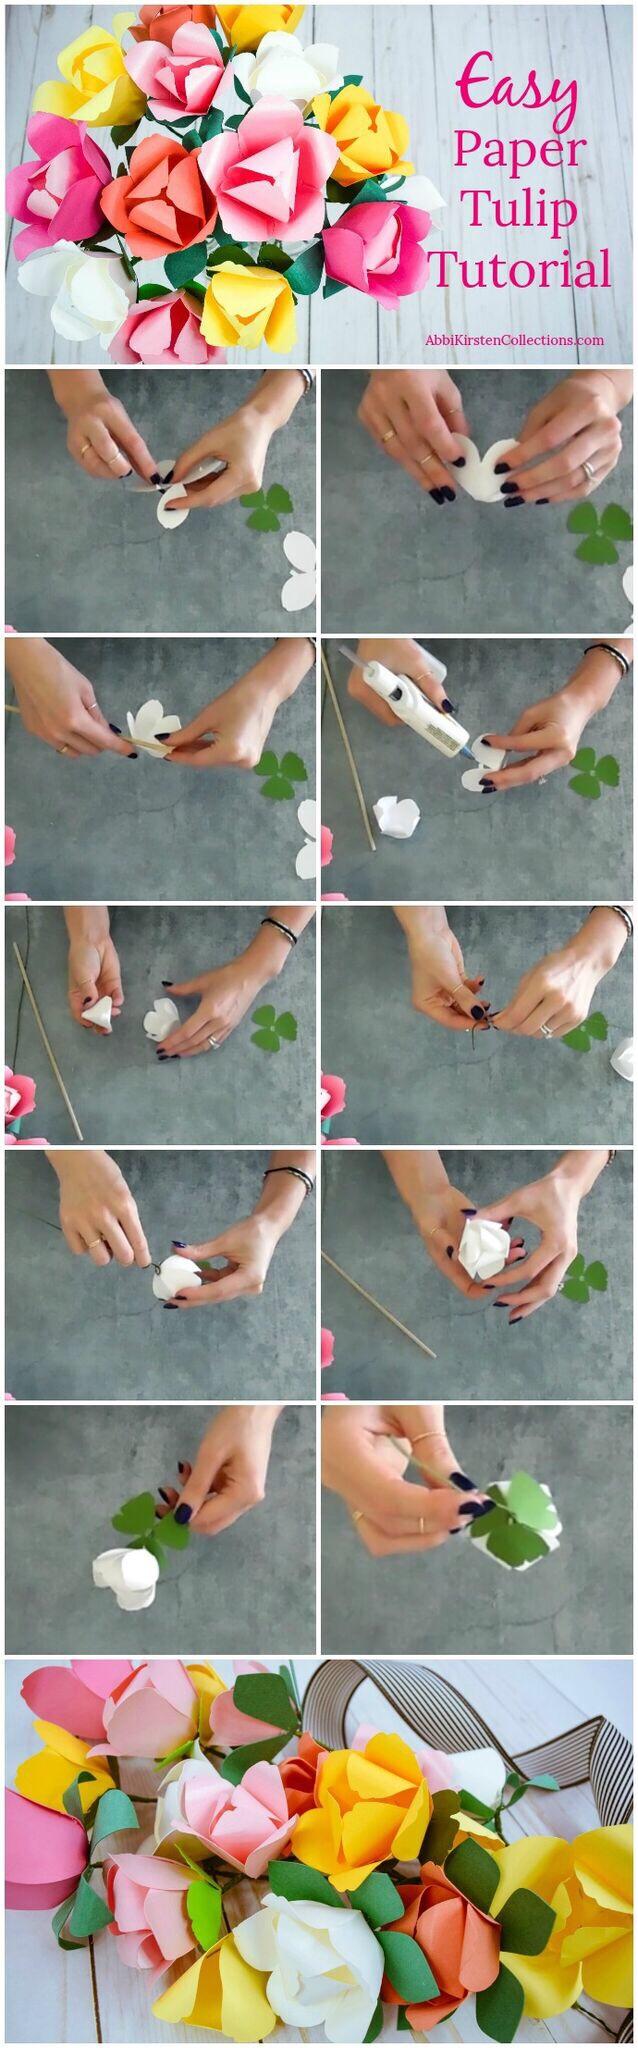 Easy paper tulip tutorial.